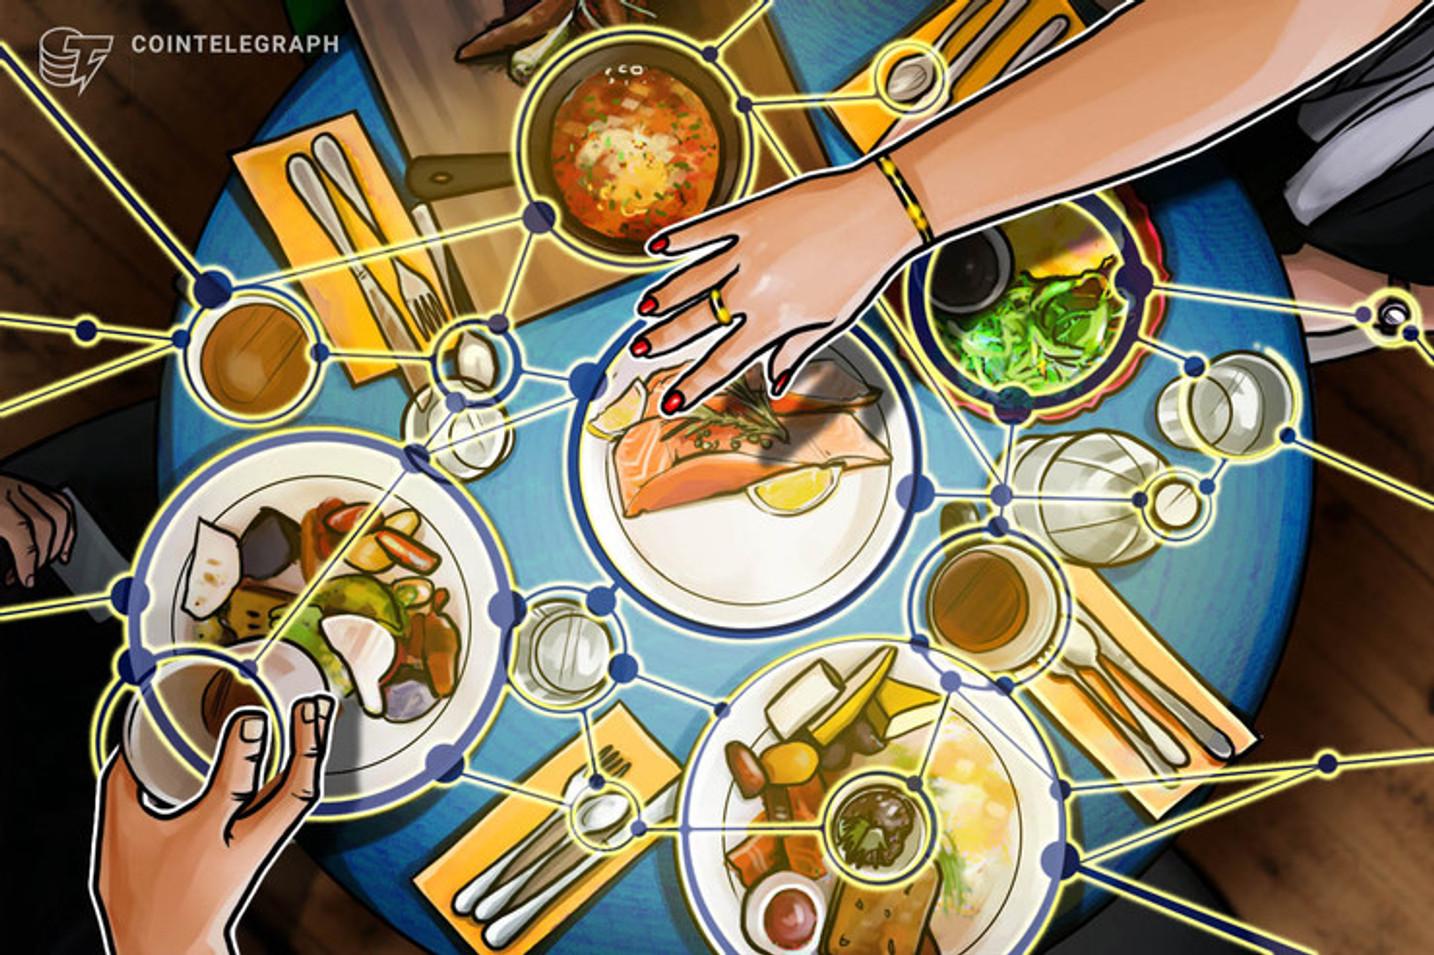 Il Comune di Vizzini utilizzerà la blockchain per la distribuzione dei buoni spesa